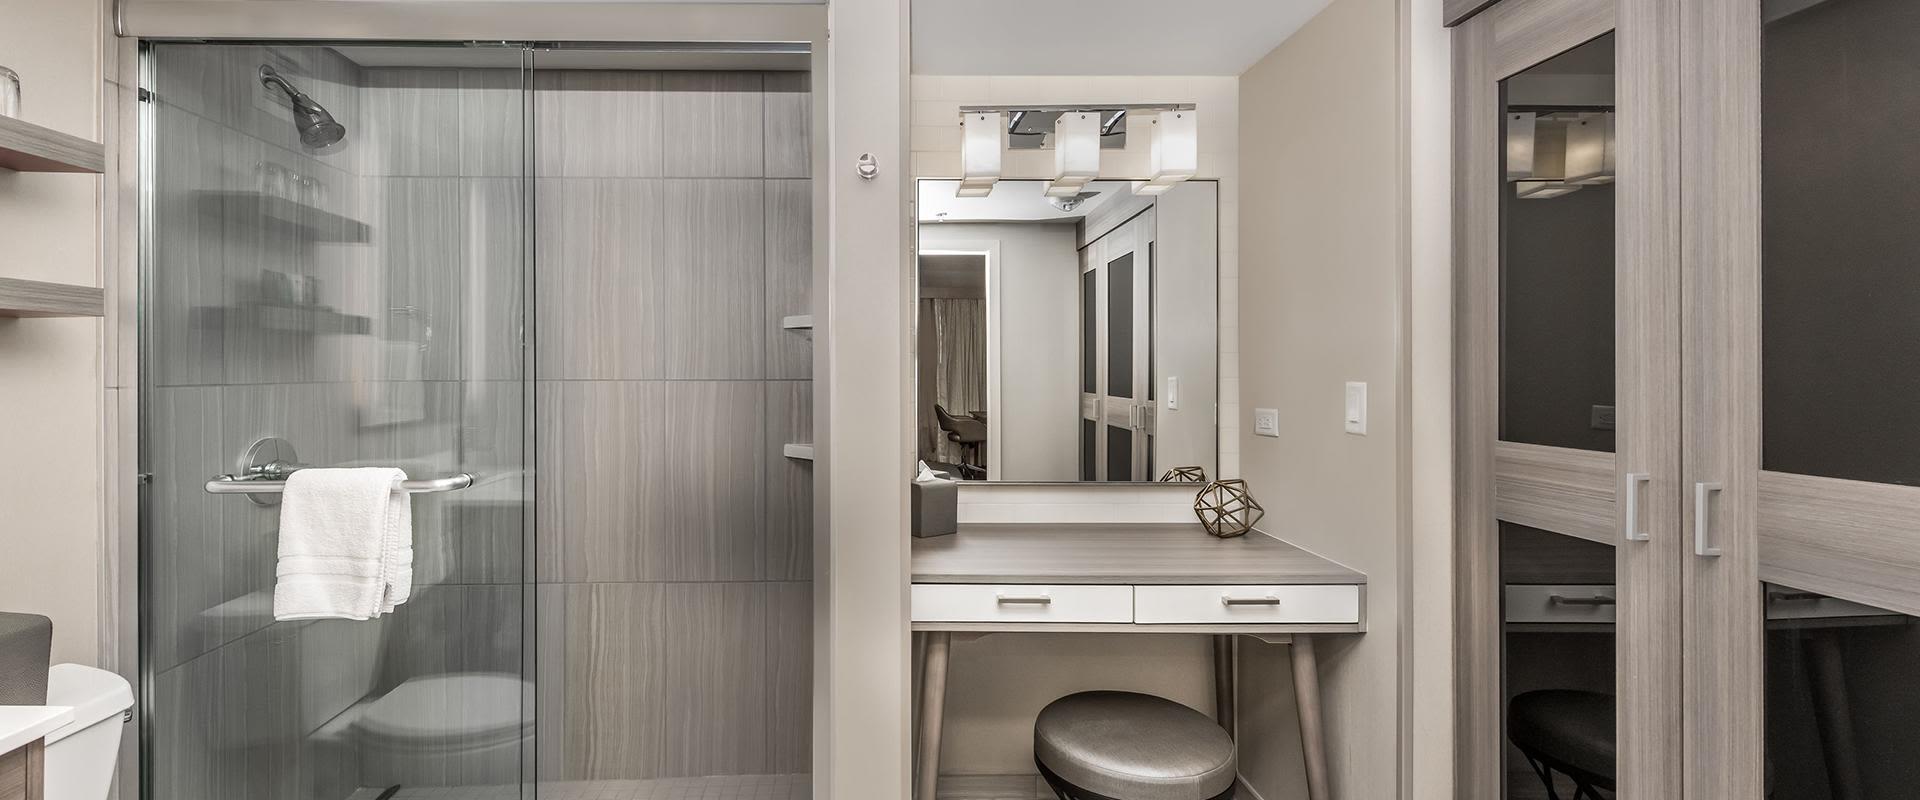 Denver Bathroom With Sitting Nook